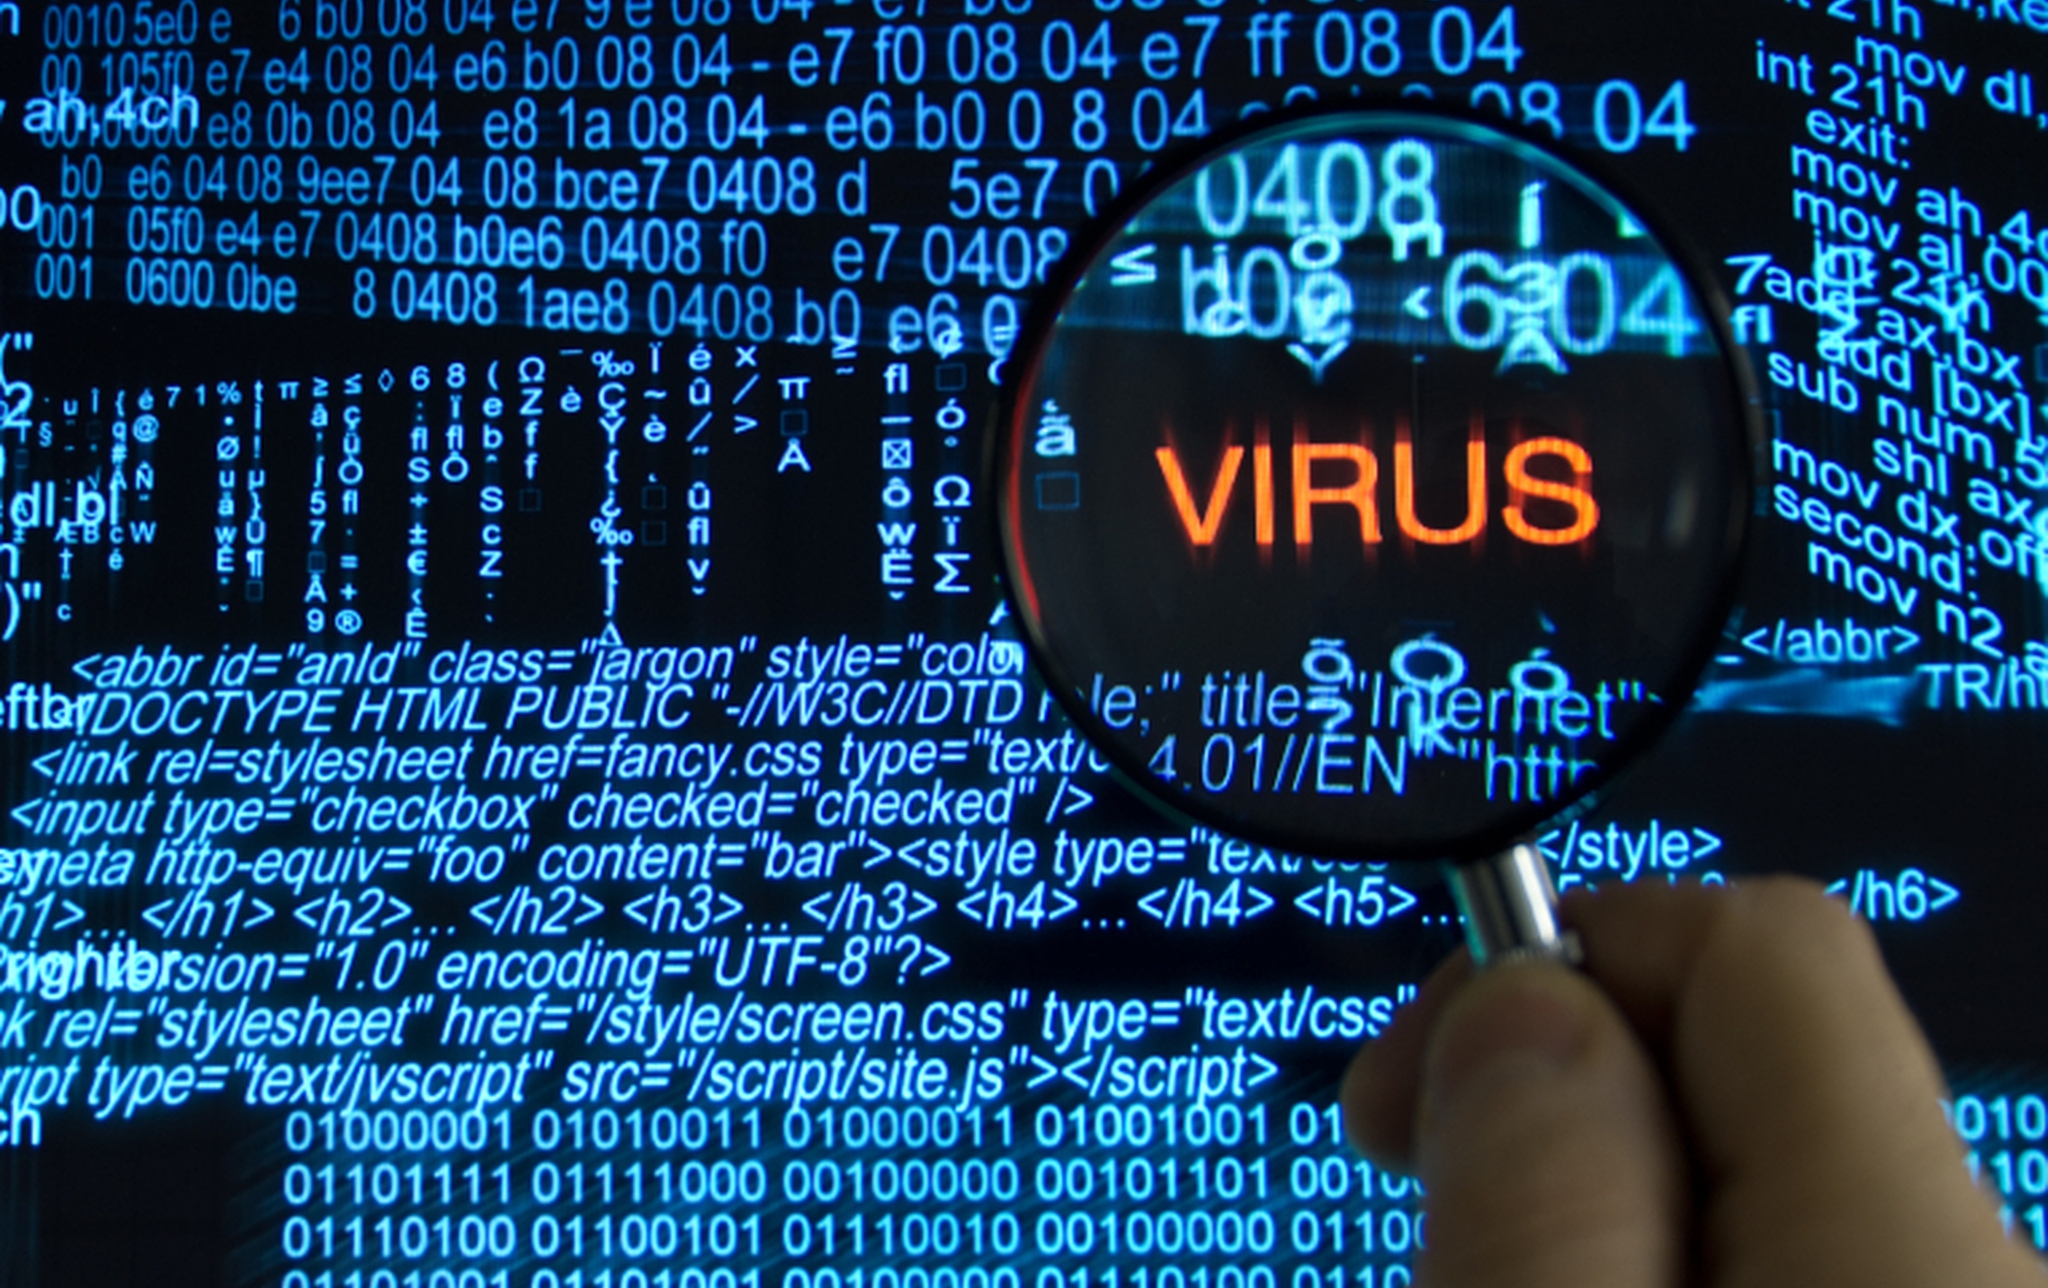 Софт для устранения вирусов